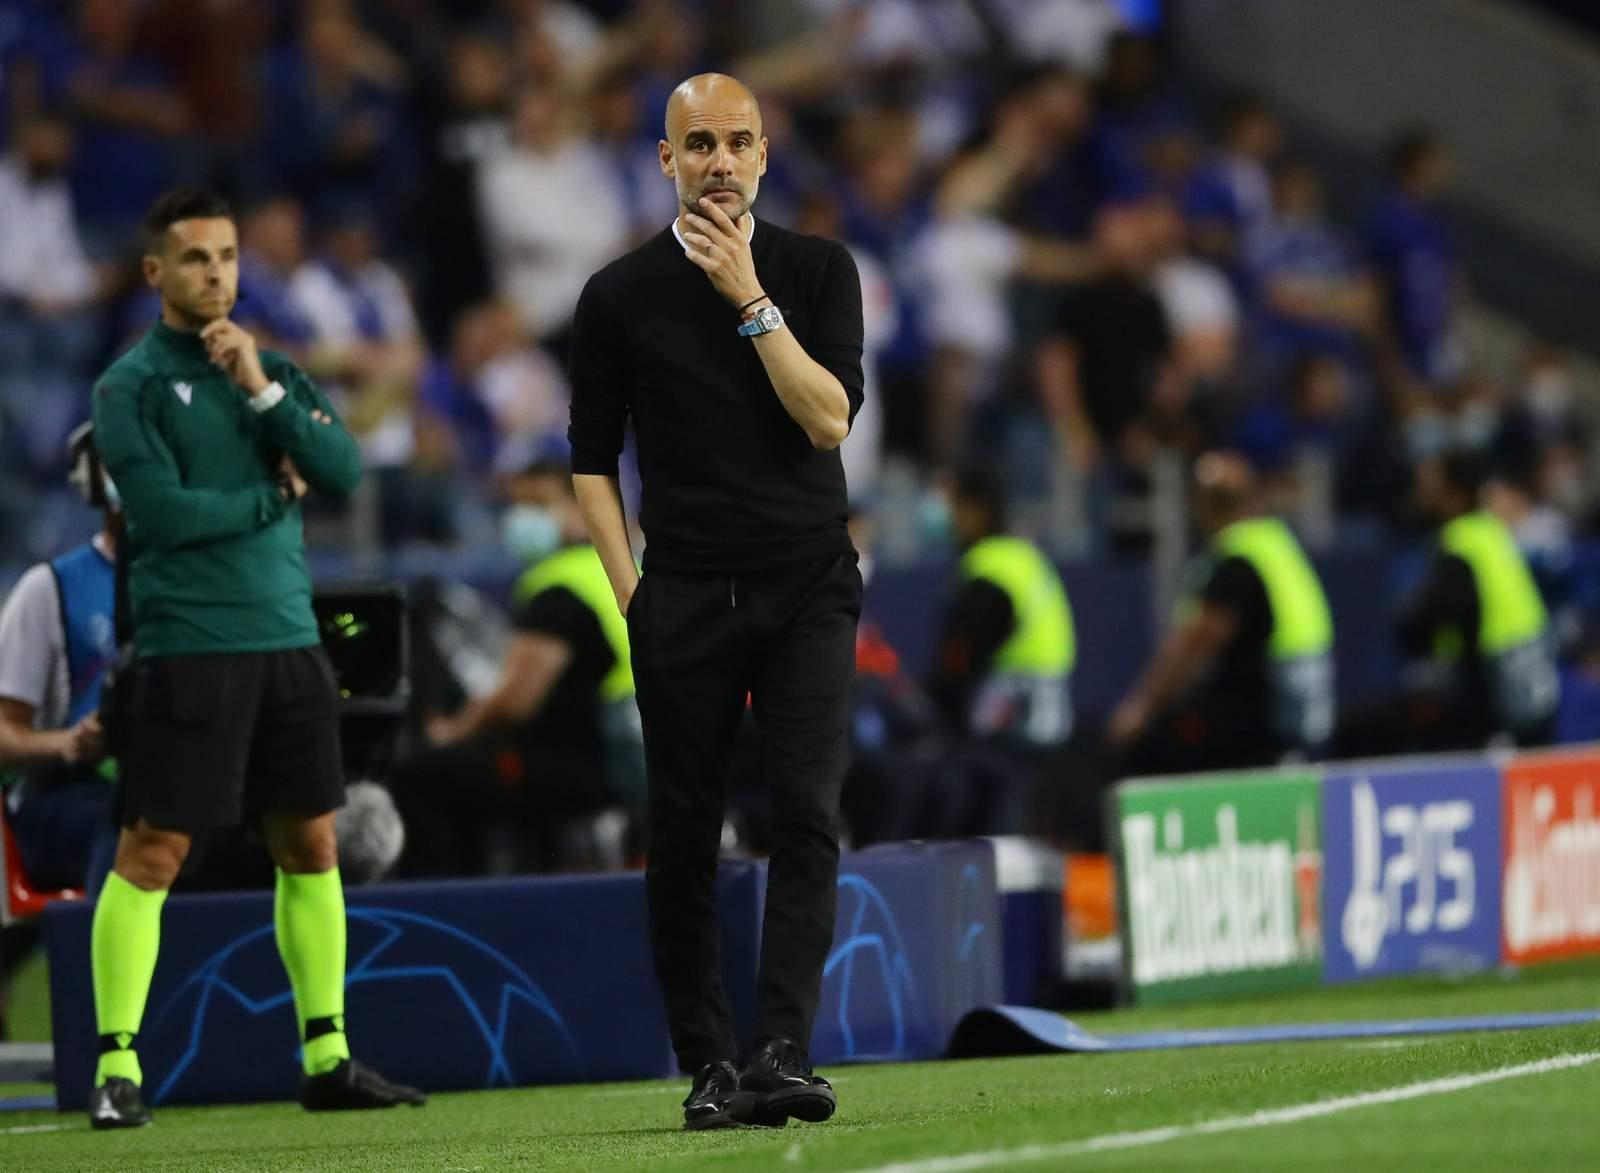 Гвардиола: «Челси» обыграл нас в финале благодаря контратакам»